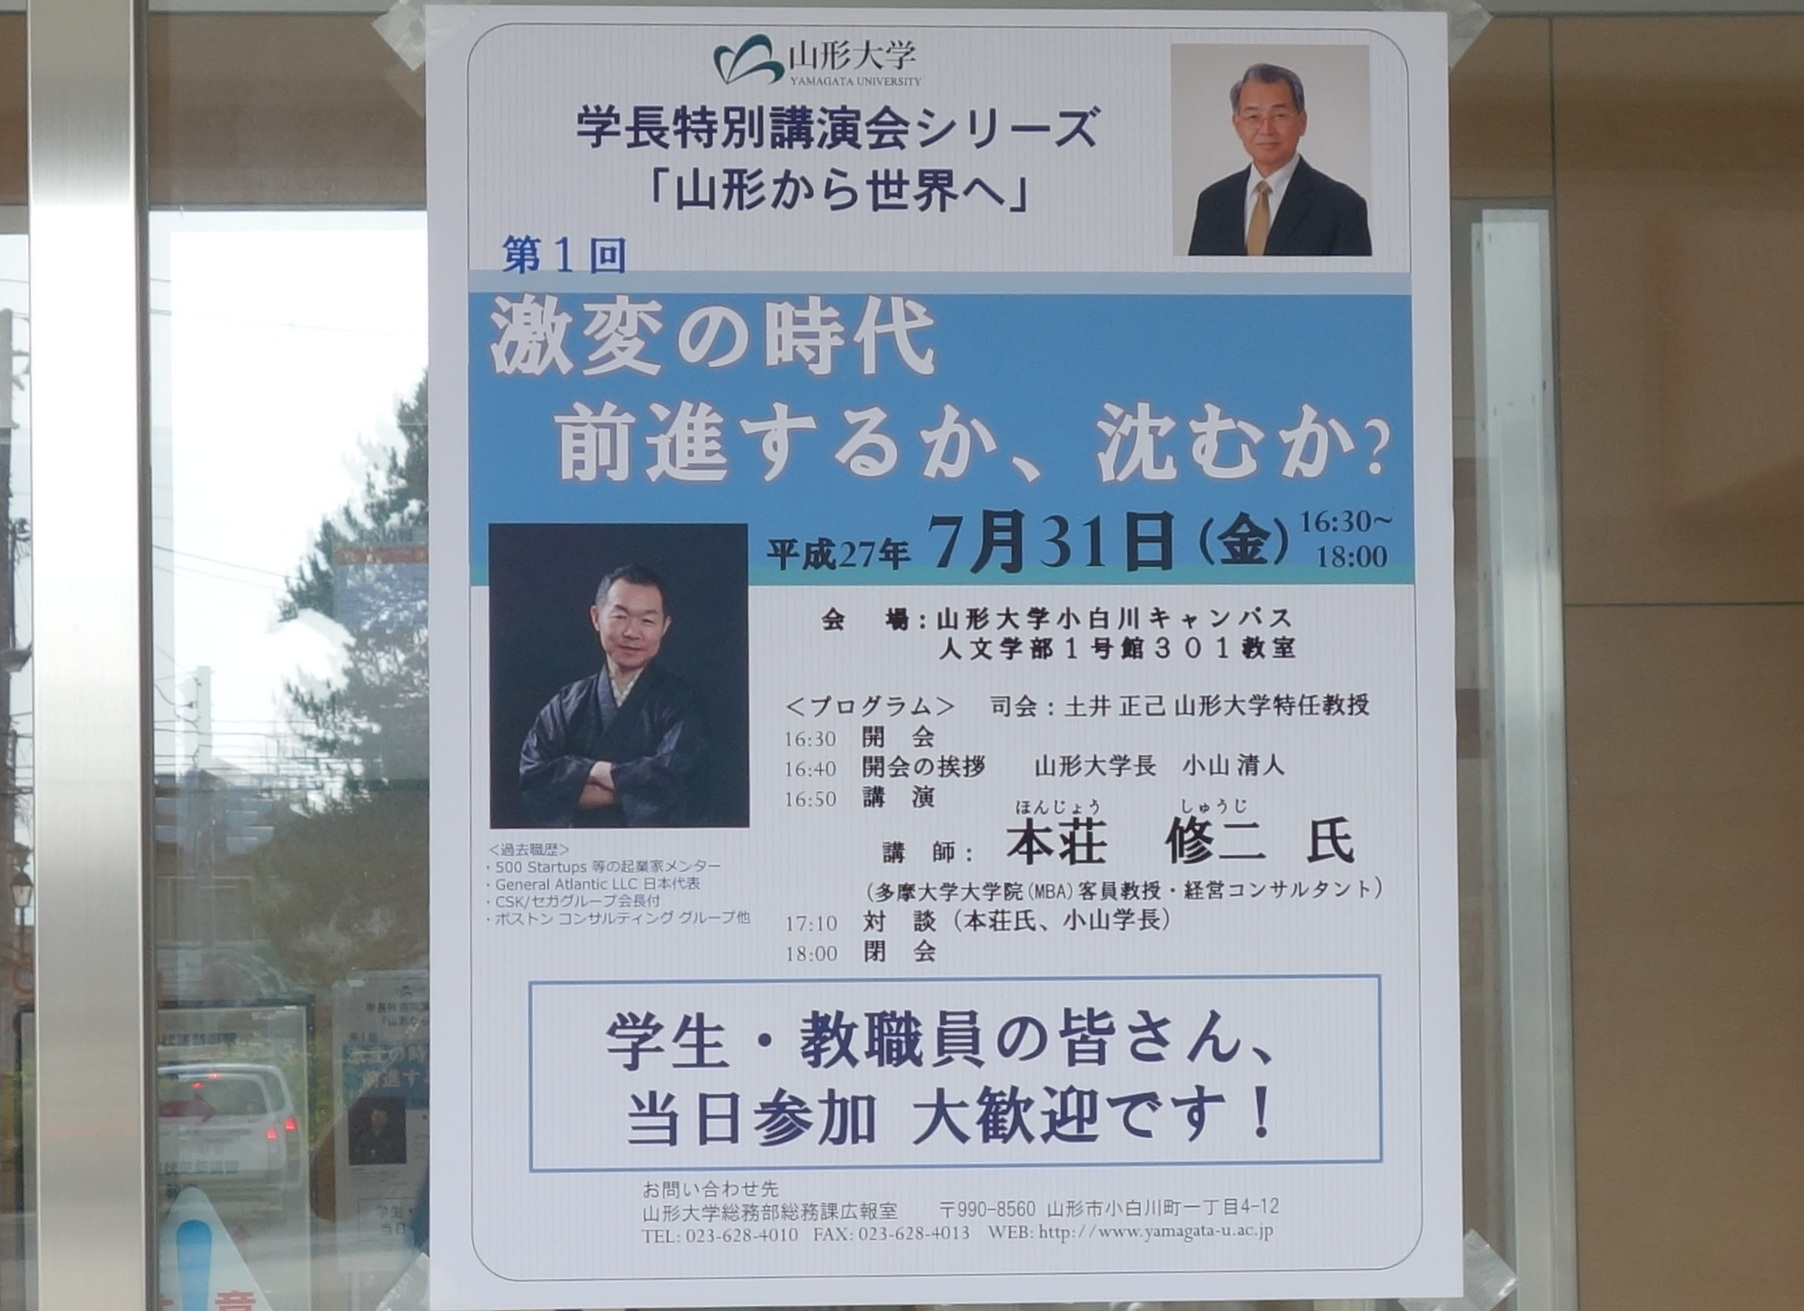 https://blogs.itmedia.co.jp/honjo/DSC05509a.JPG